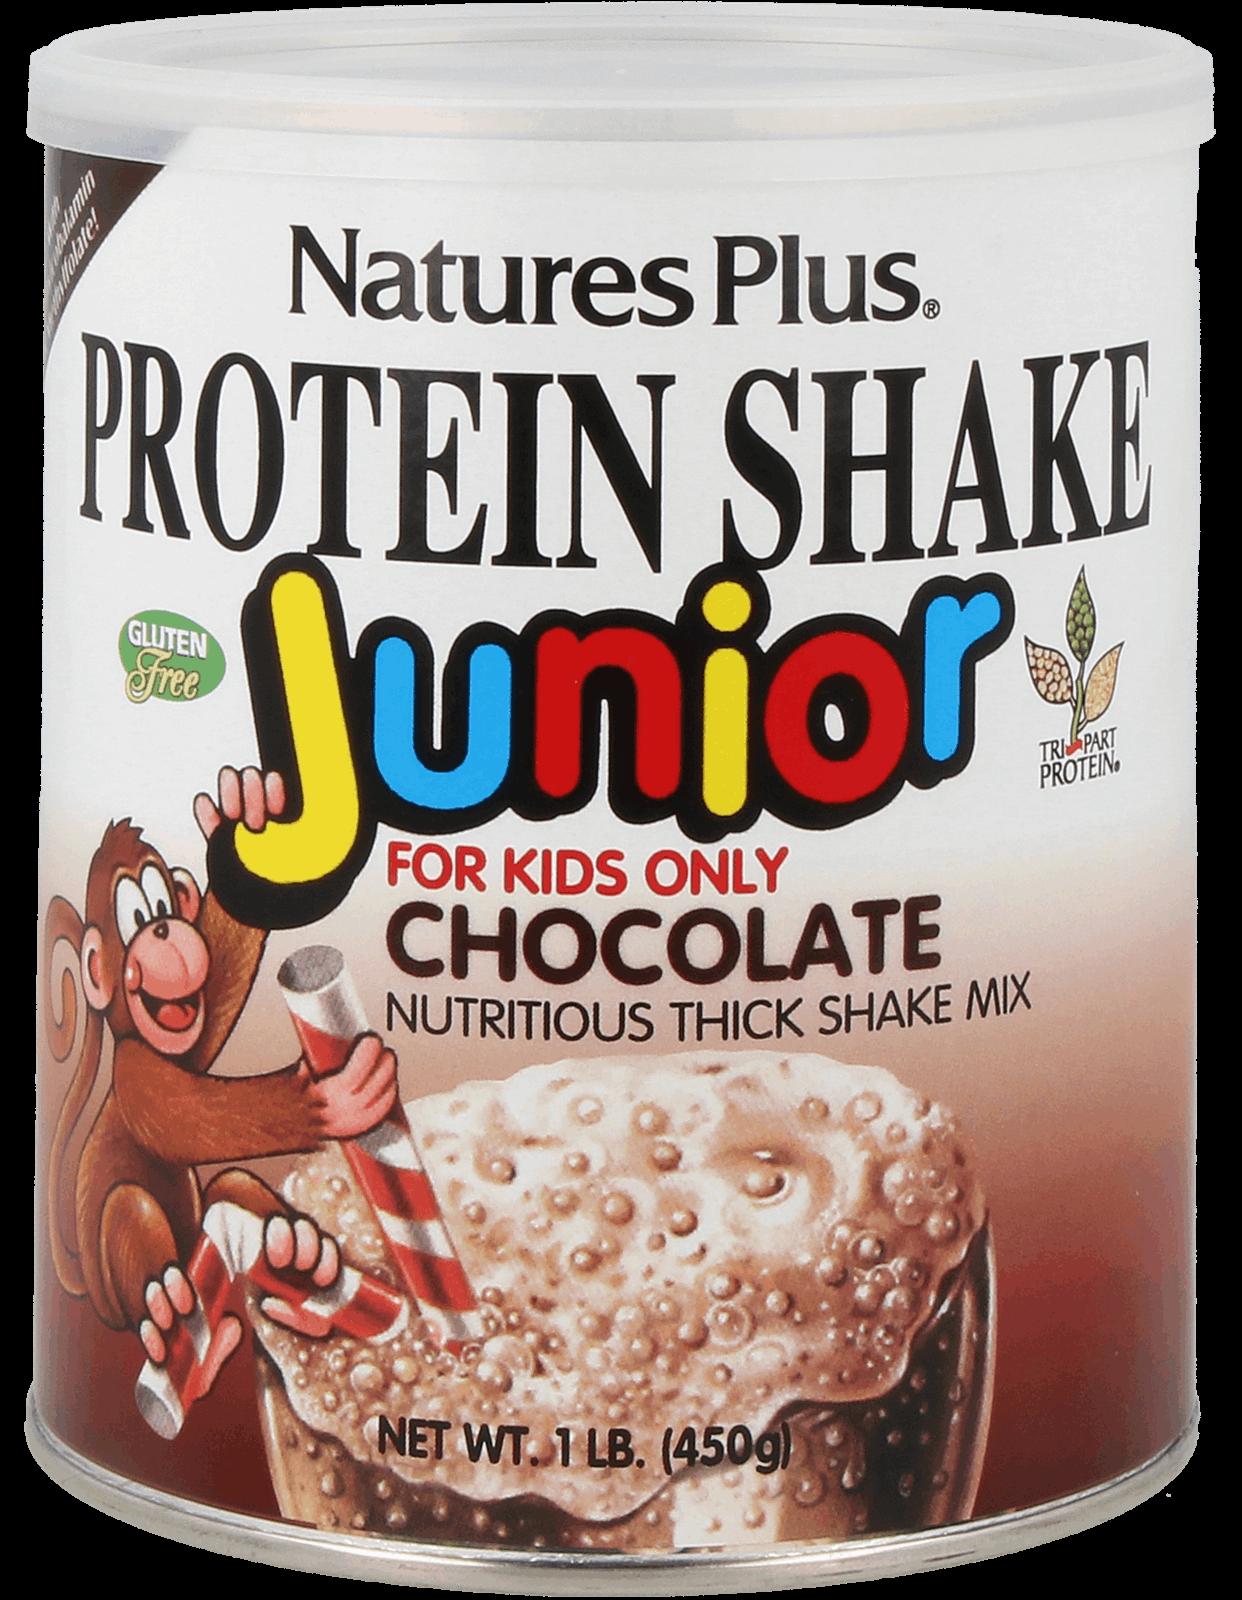 Protein Shake Junior Chocolate